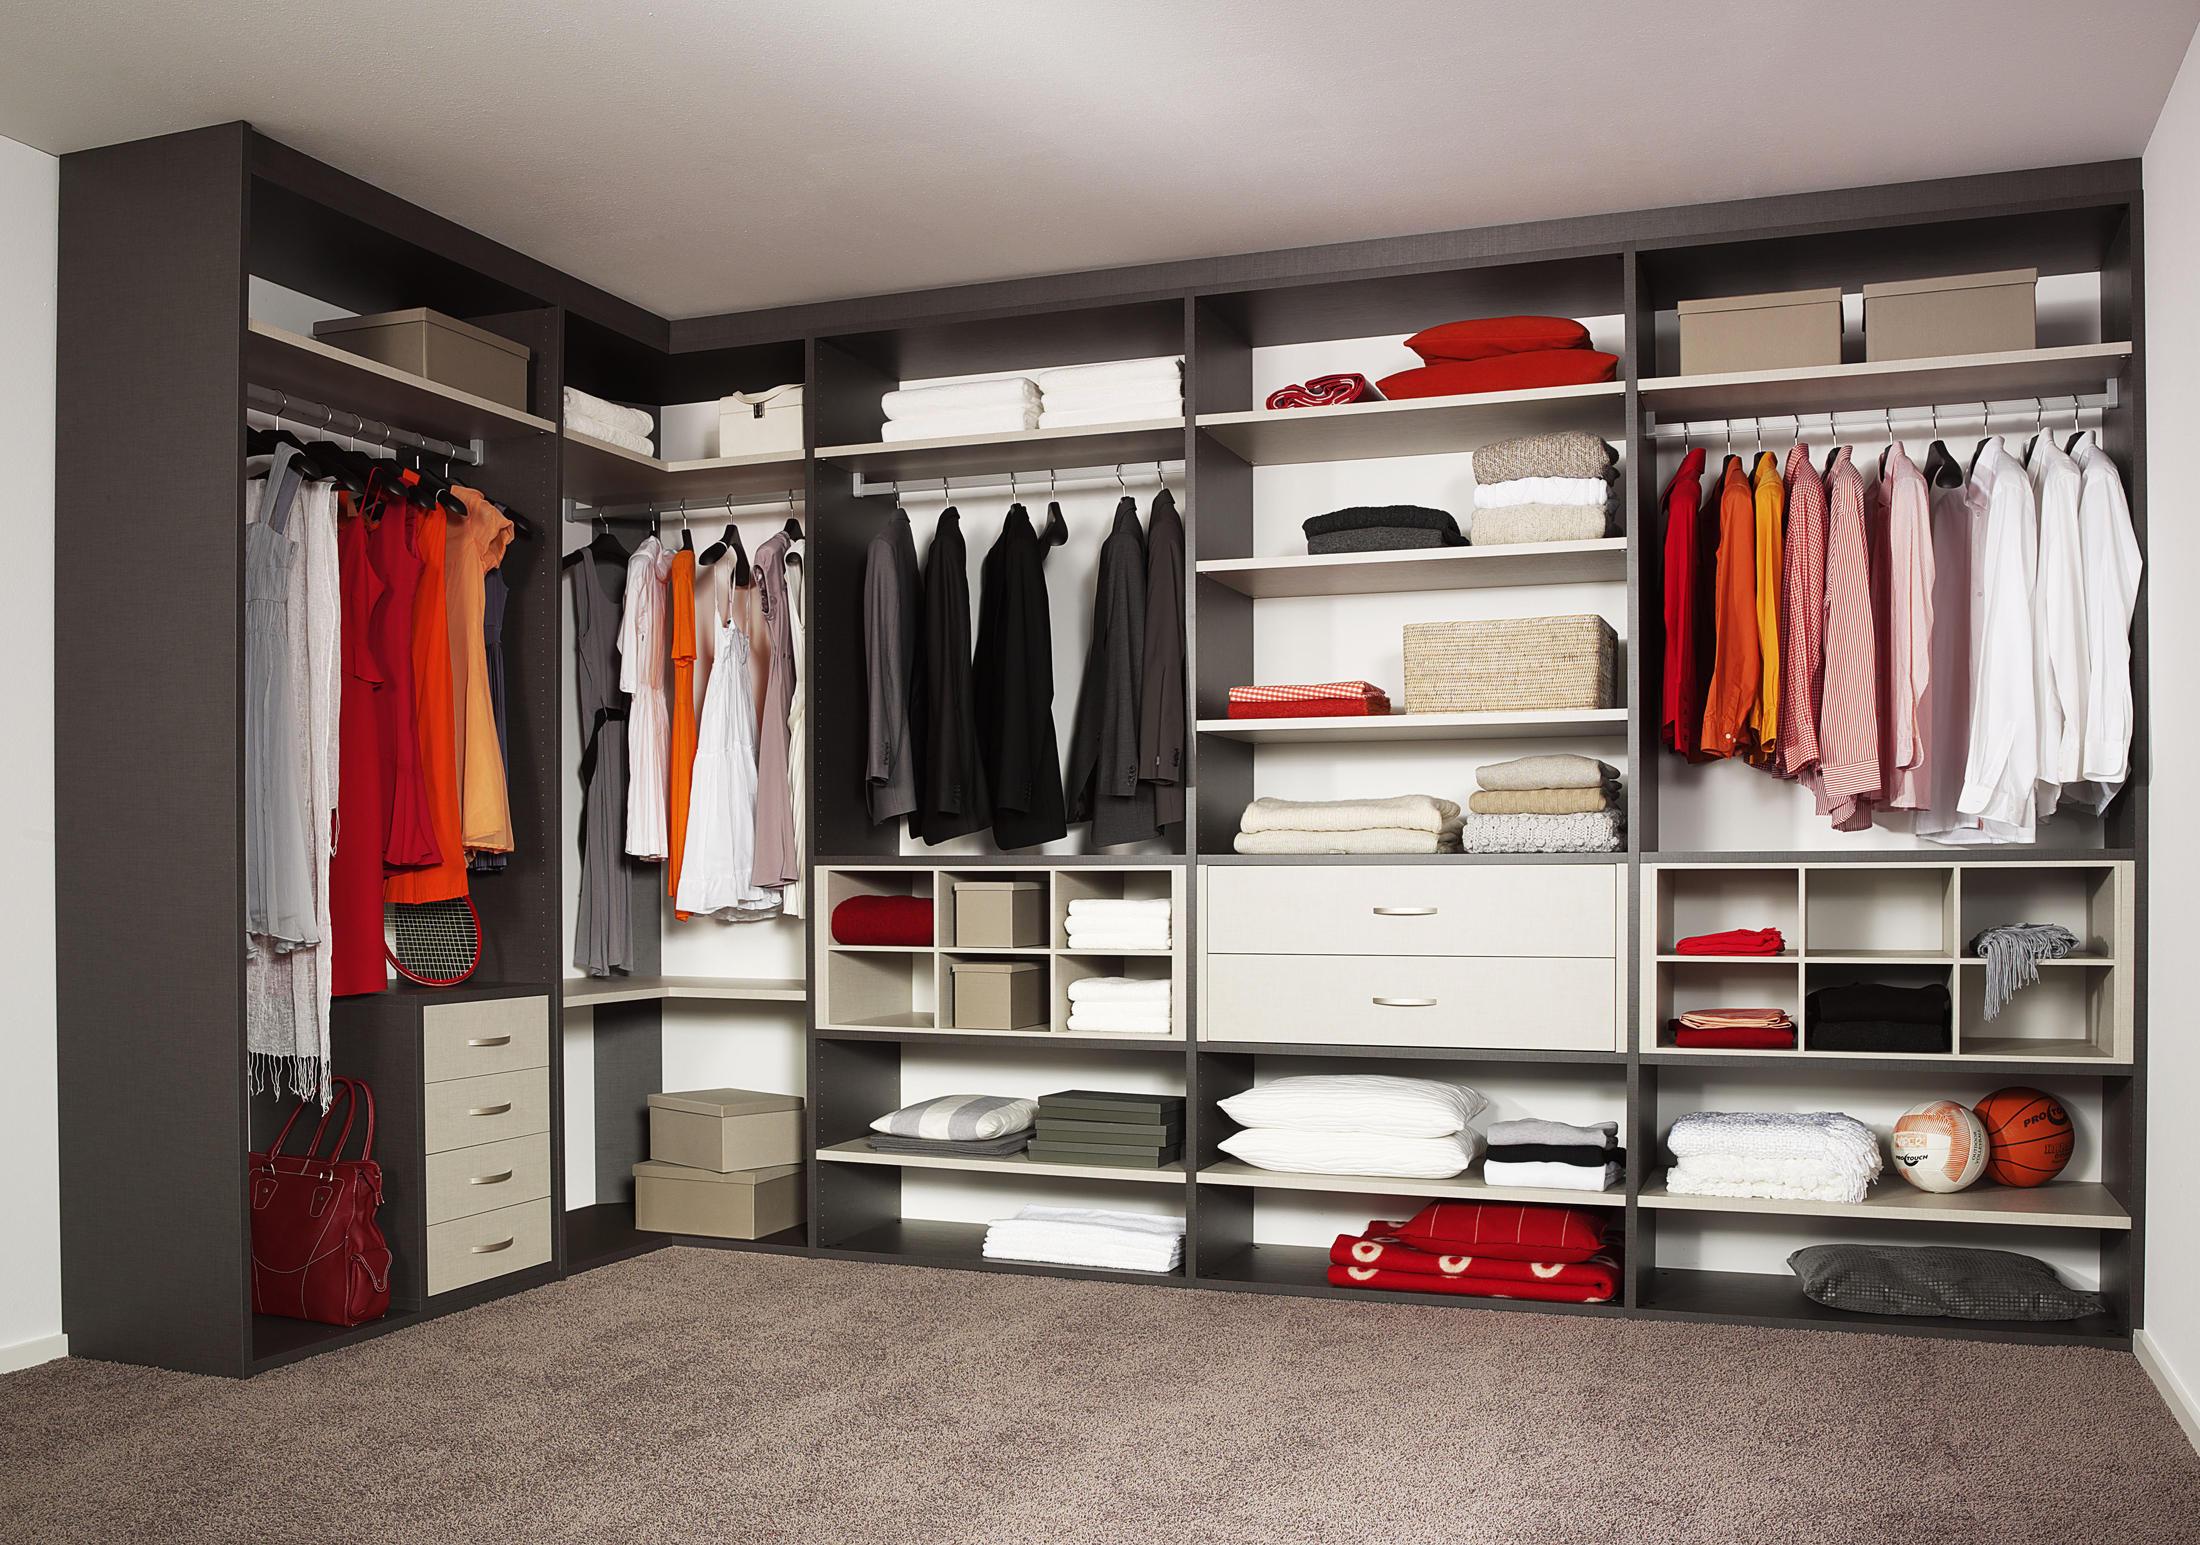 LEGNO INTERIOR CLOSET STORAGE SYSTEM Walk In Wardrobes